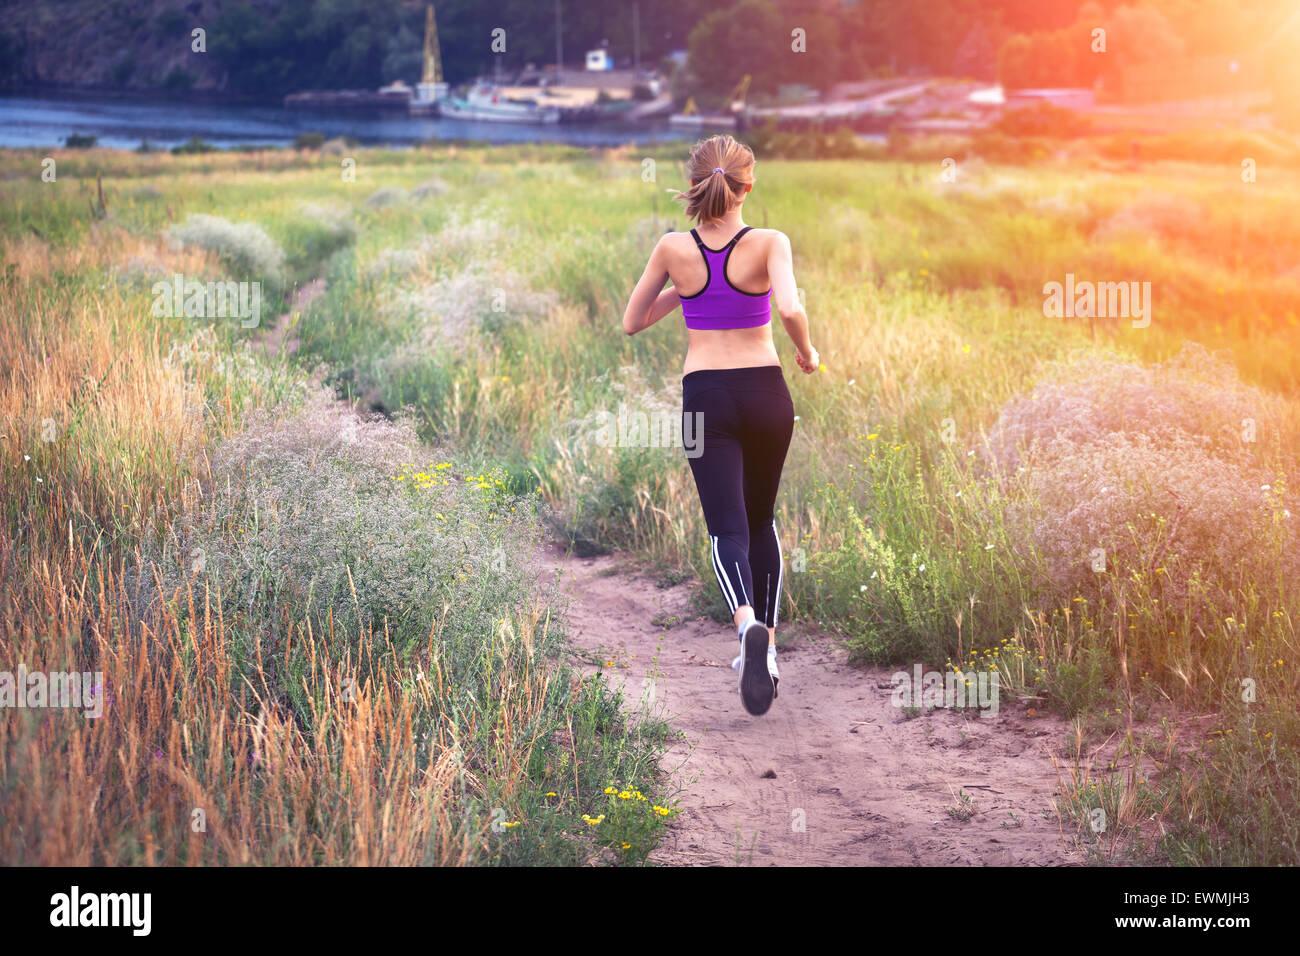 Mujer joven corriendo en un camino rural al atardecer en el verano del campo. Antecedentes deportivos en el estilo Imagen De Stock